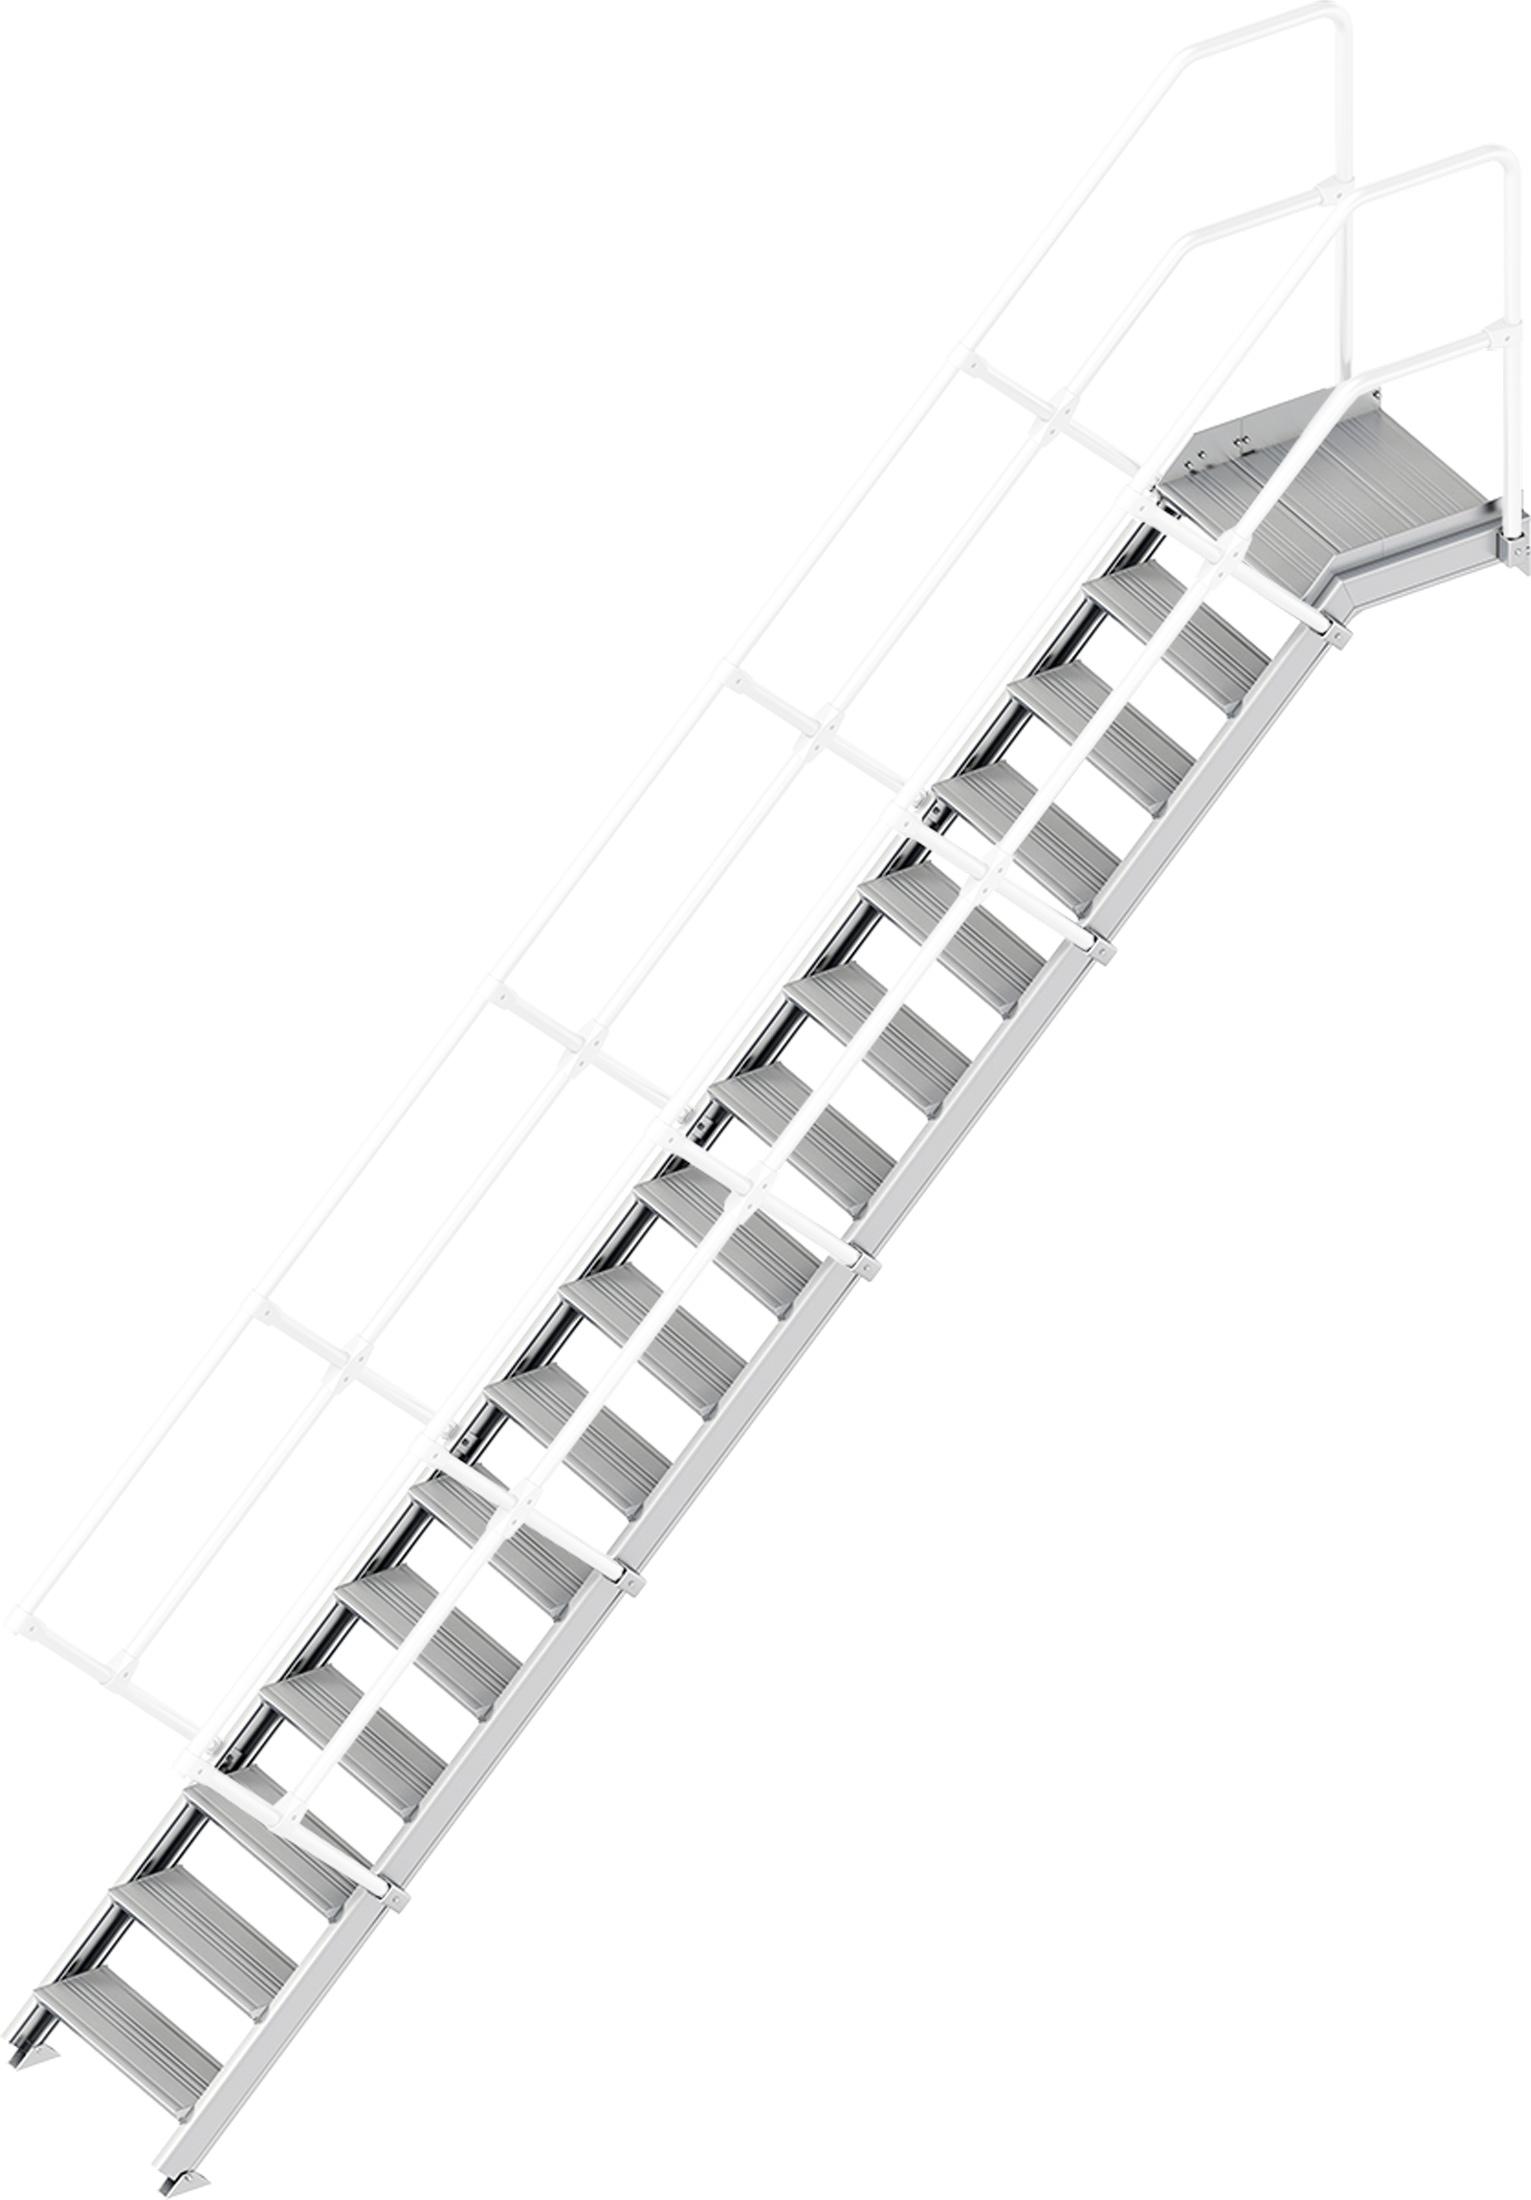 Layher Plattformtreppe 45° 16 Stufen - 600 mm breit